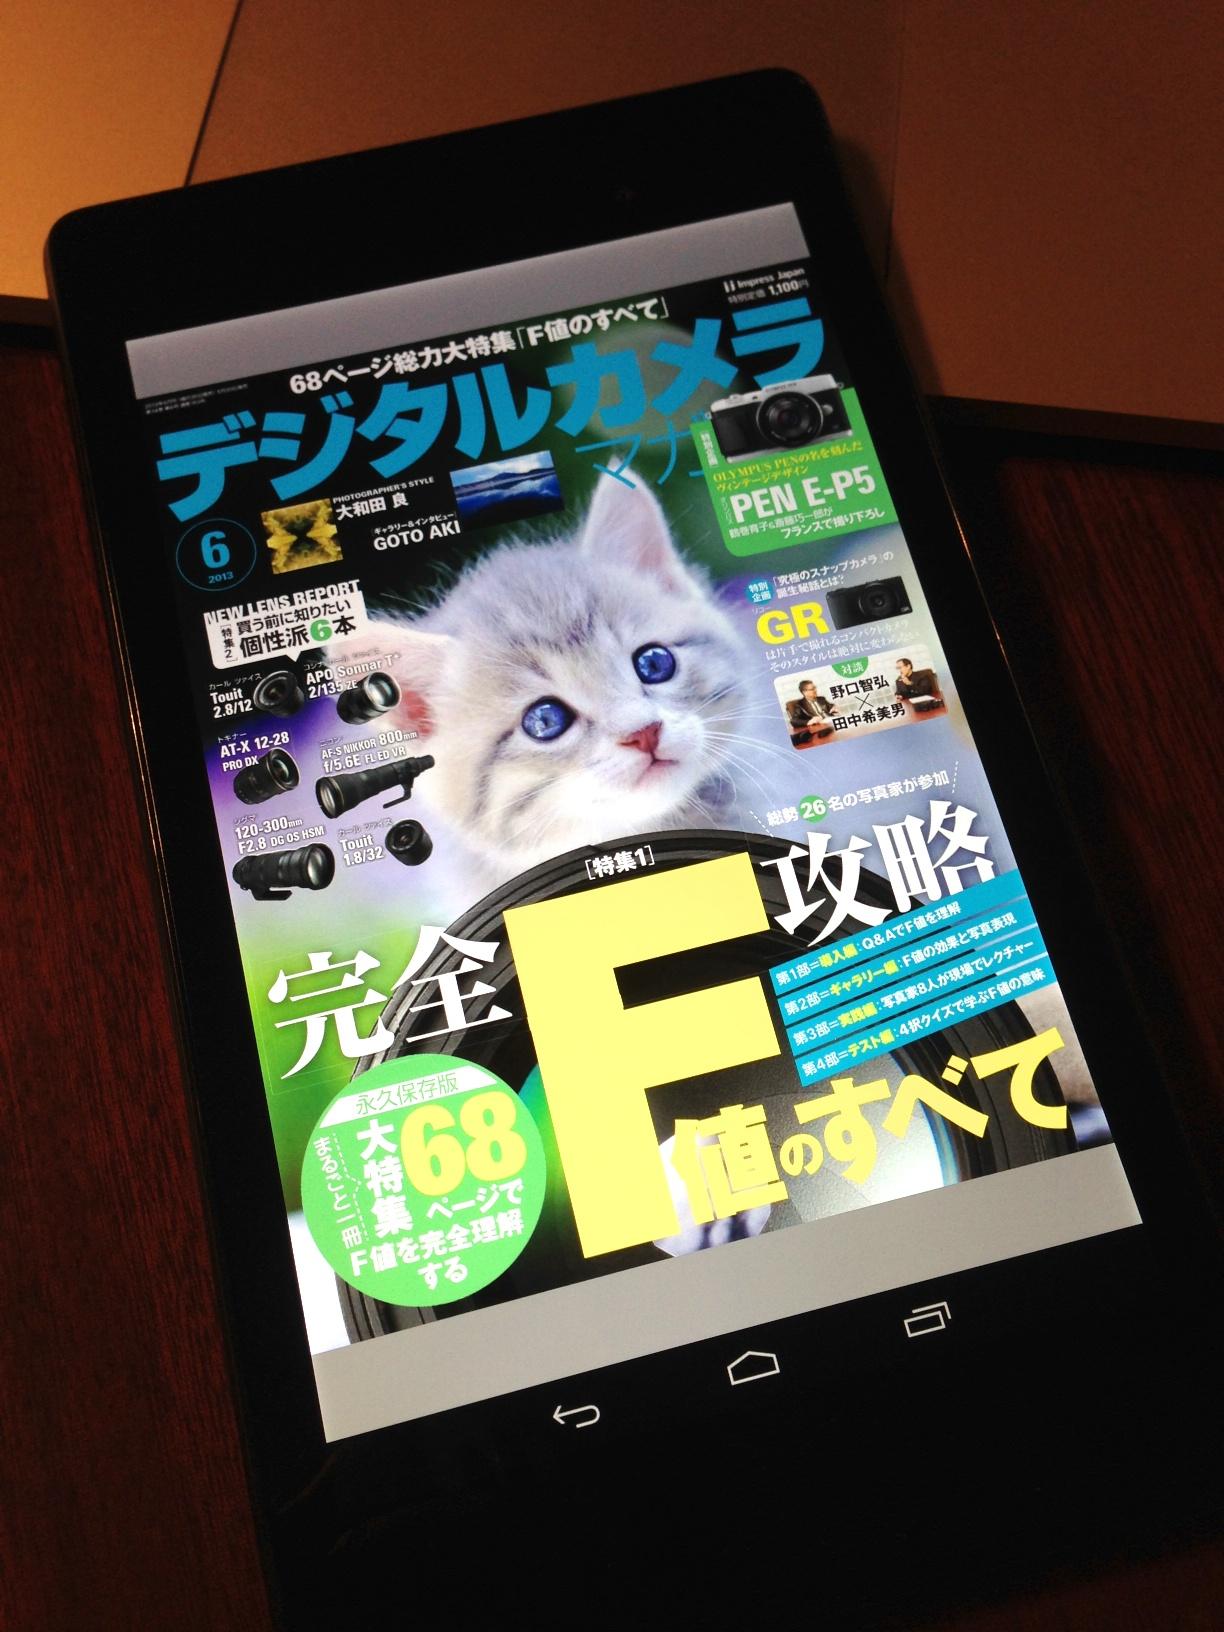 Nexus 7 (2013、LTE) ついに最強の自炊PDF閲覧端末に出会った